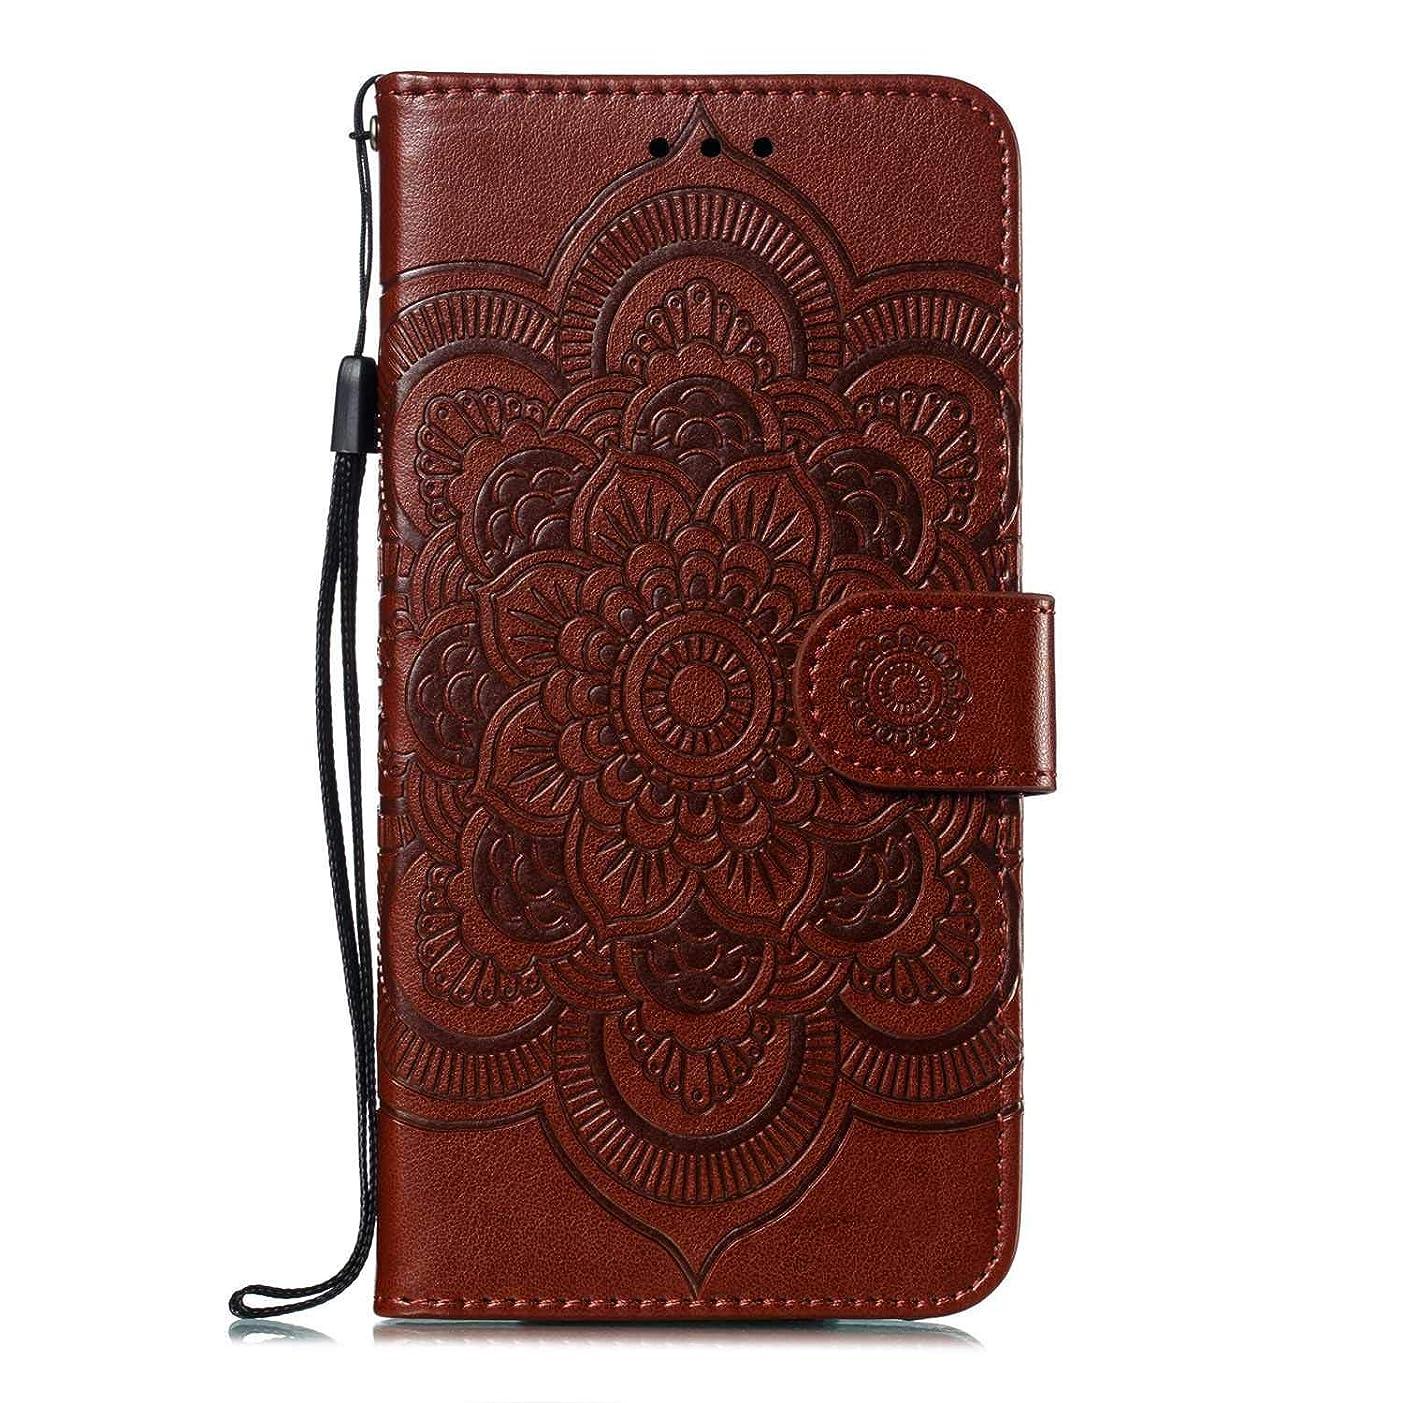 思いやり失礼なバックGalaxy A50 防塵 ケース, CUNUS 高品質 携帯電話 ケース 軽量 柔軟 高品質 耐汚れ カード収納 カバー Samsung Galaxy A50 用, ブラウン